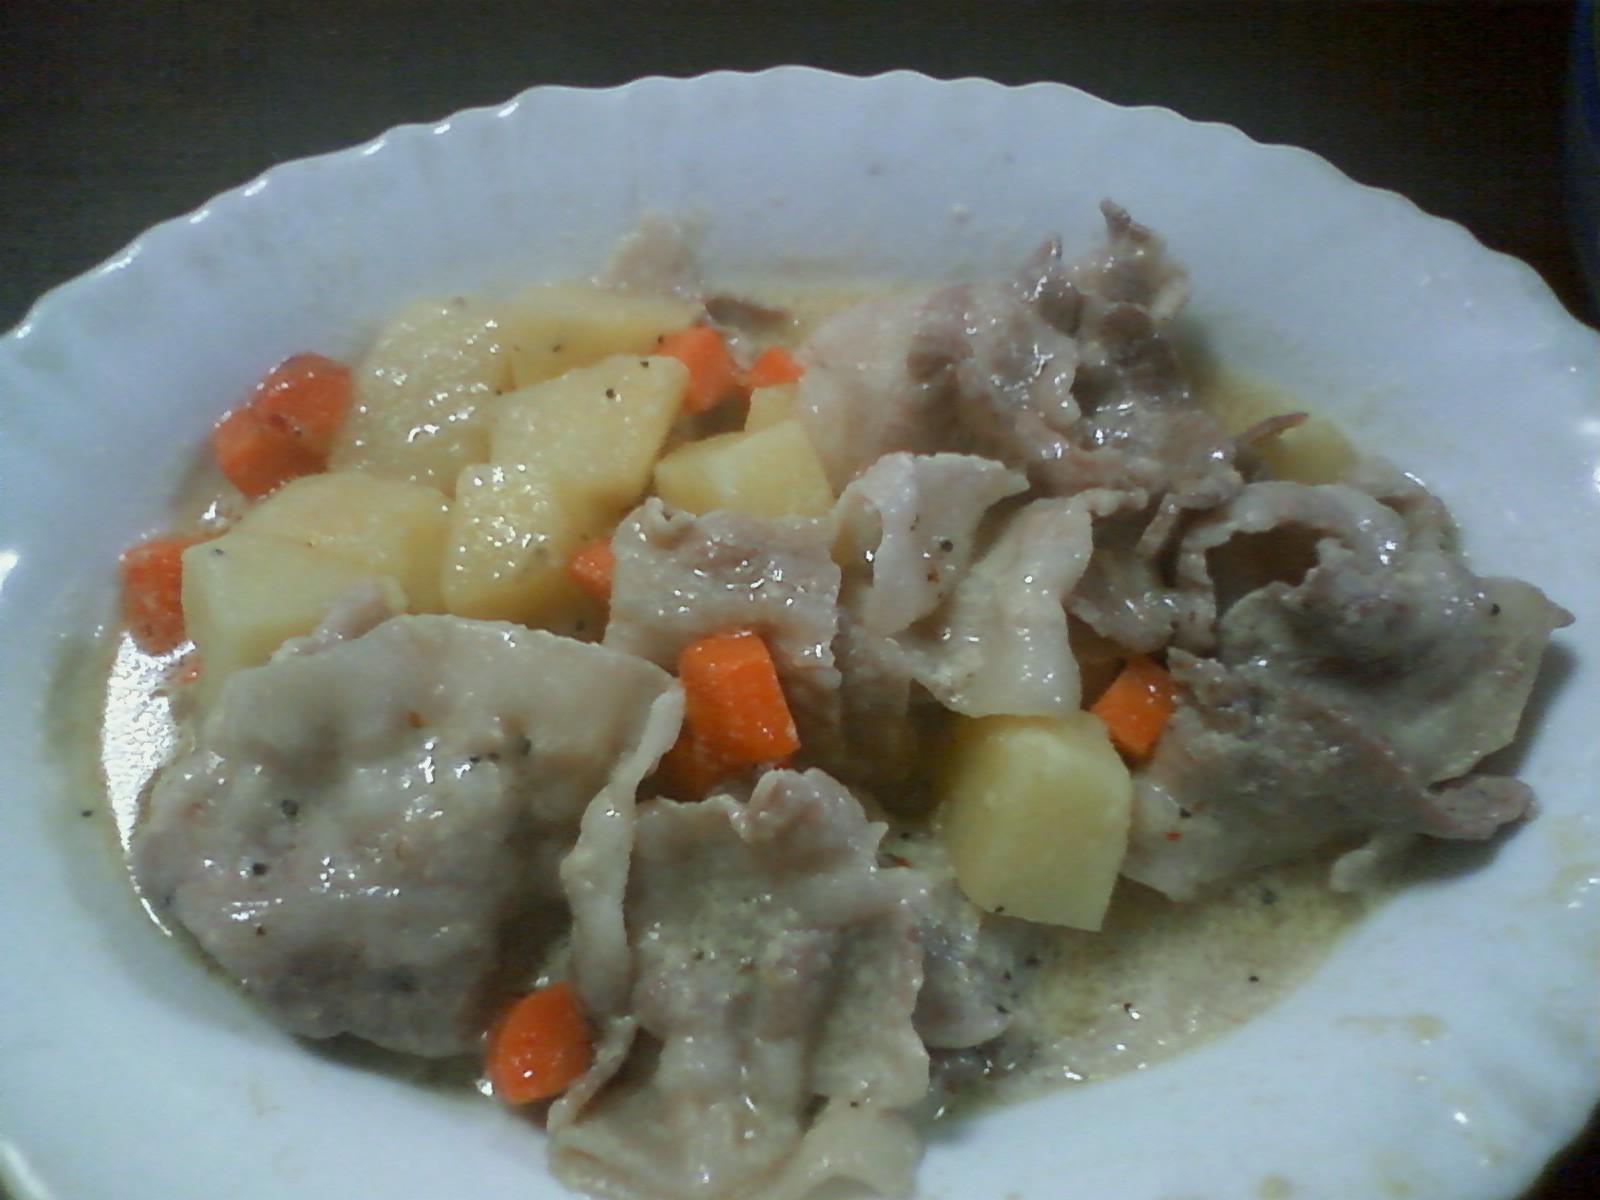 ジャガイモと豚肉のミルク煮…なんてね♪